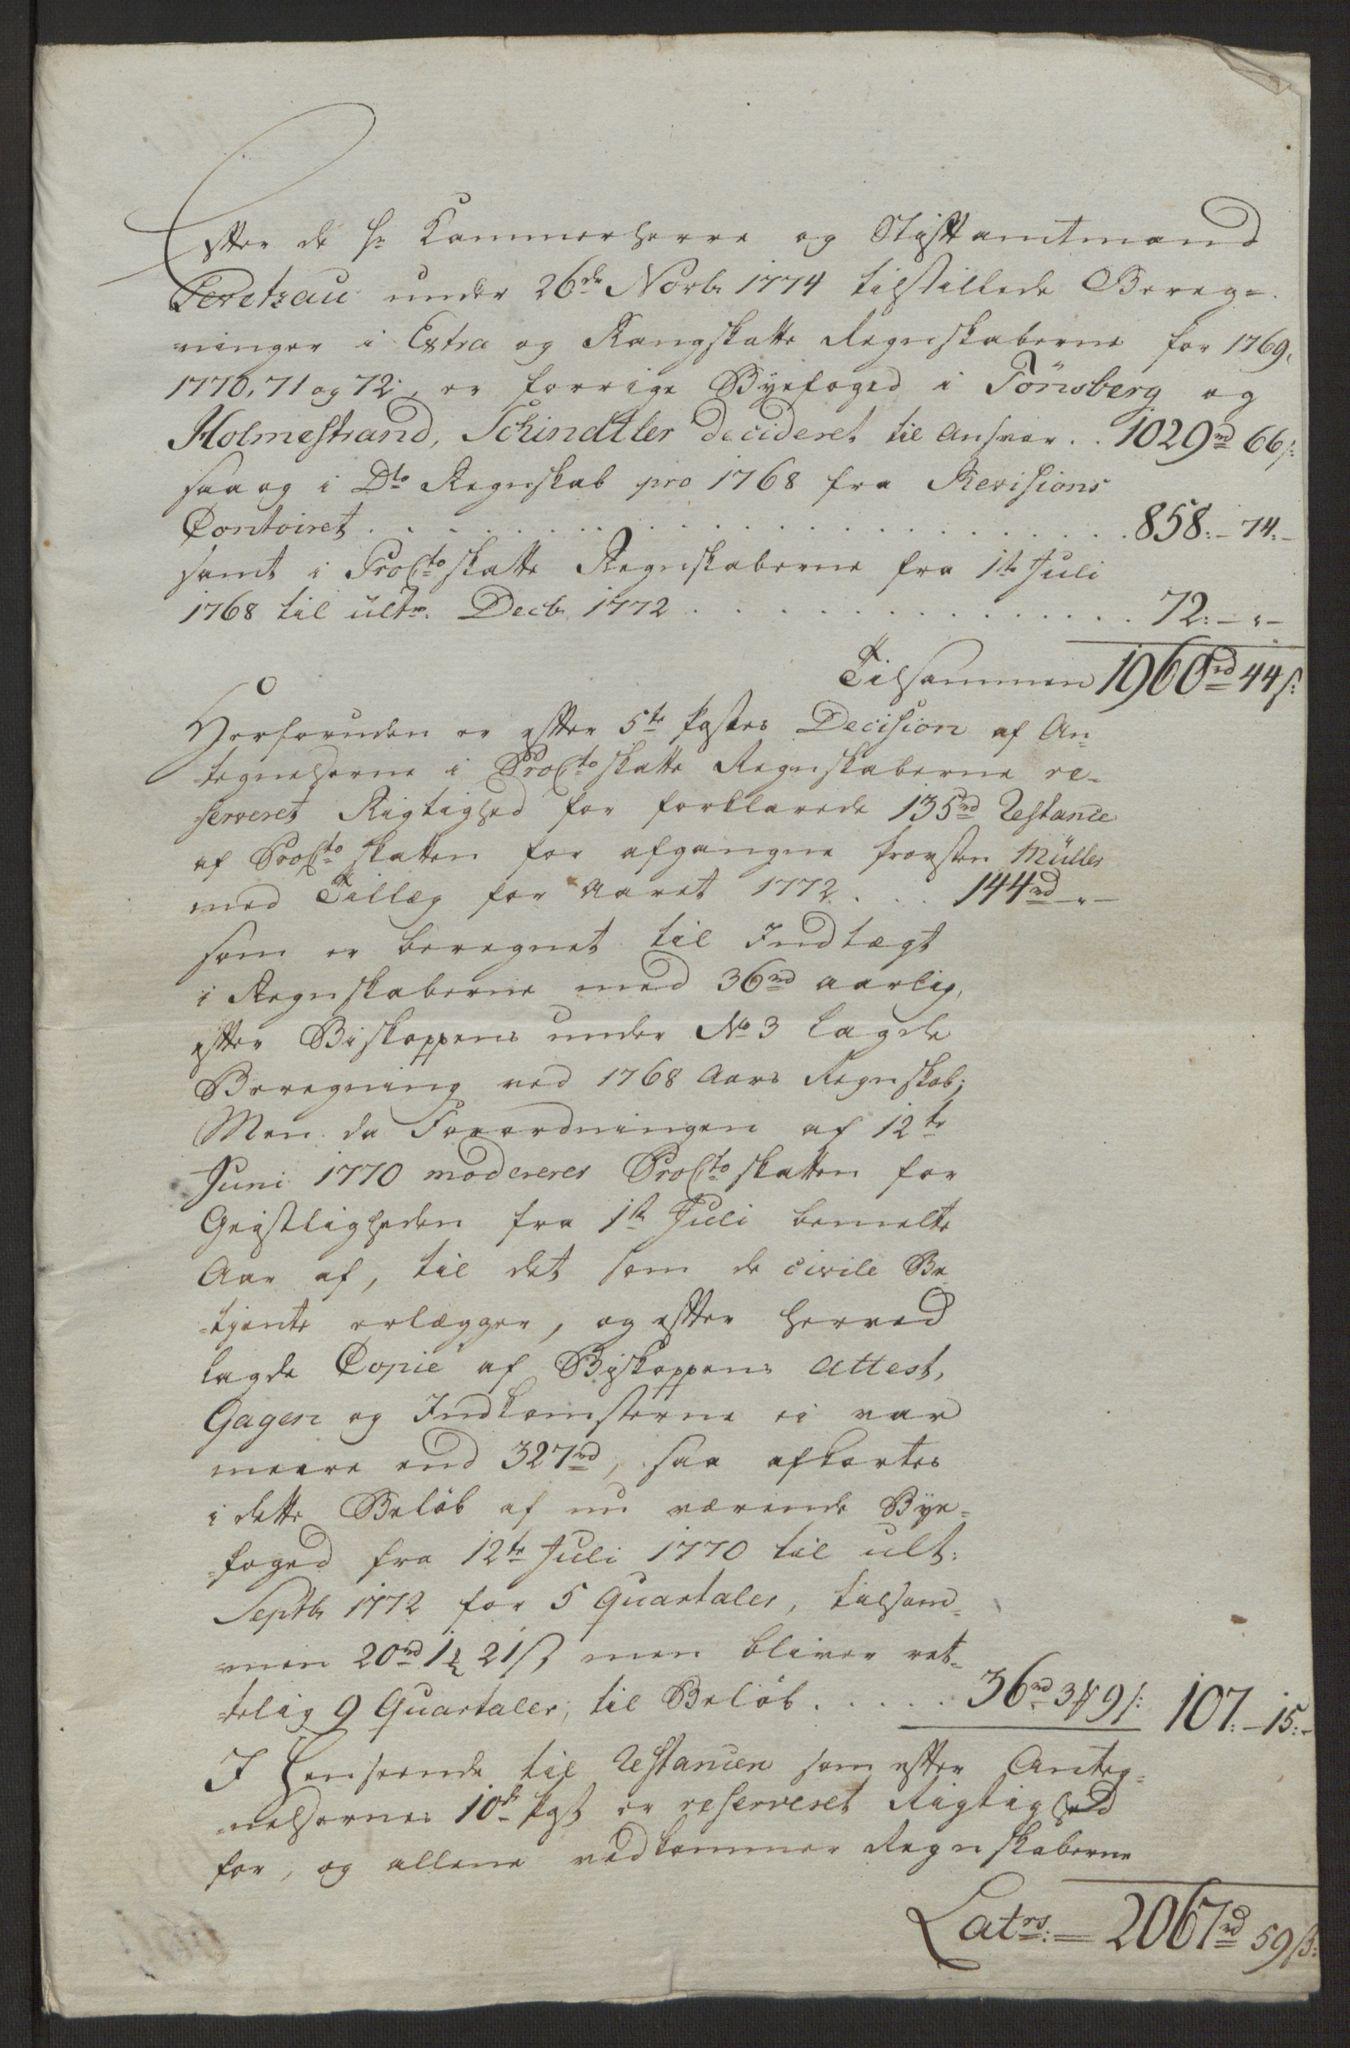 RA, Rentekammeret inntil 1814, Reviderte regnskaper, Byregnskaper, R/Rh/L0162: [H4] Kontribusjonsregnskap, 1762-1772, s. 476